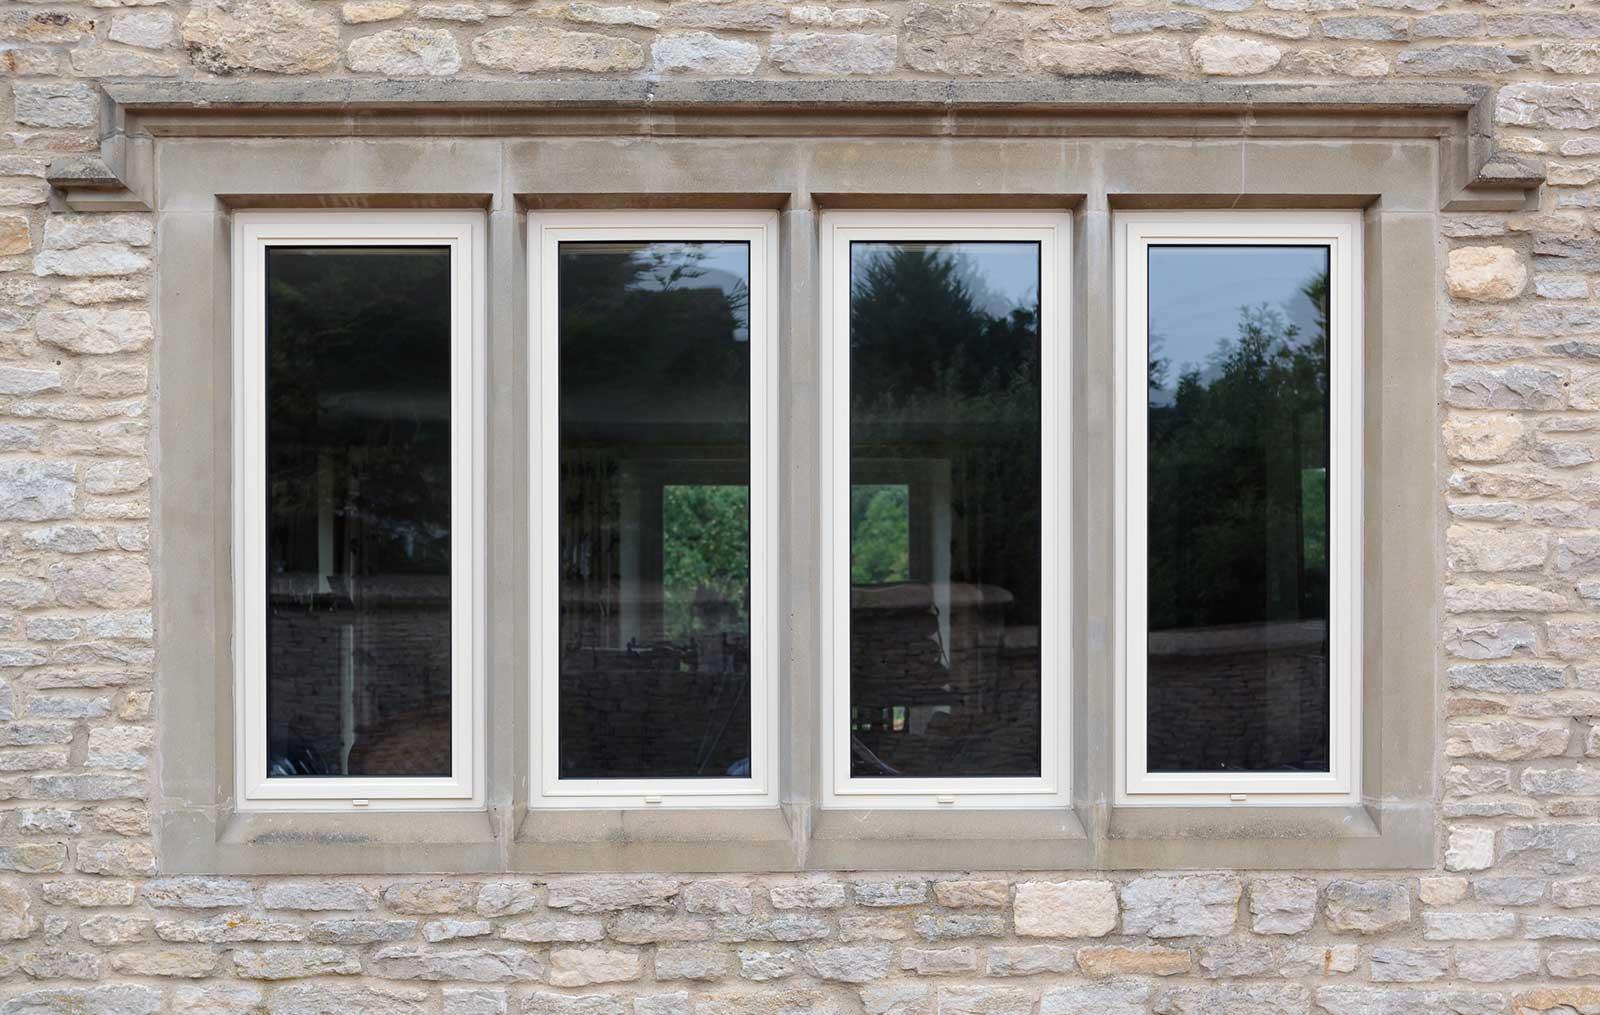 Aluminiuim Slimline Double Glazing Windows Secure Energy